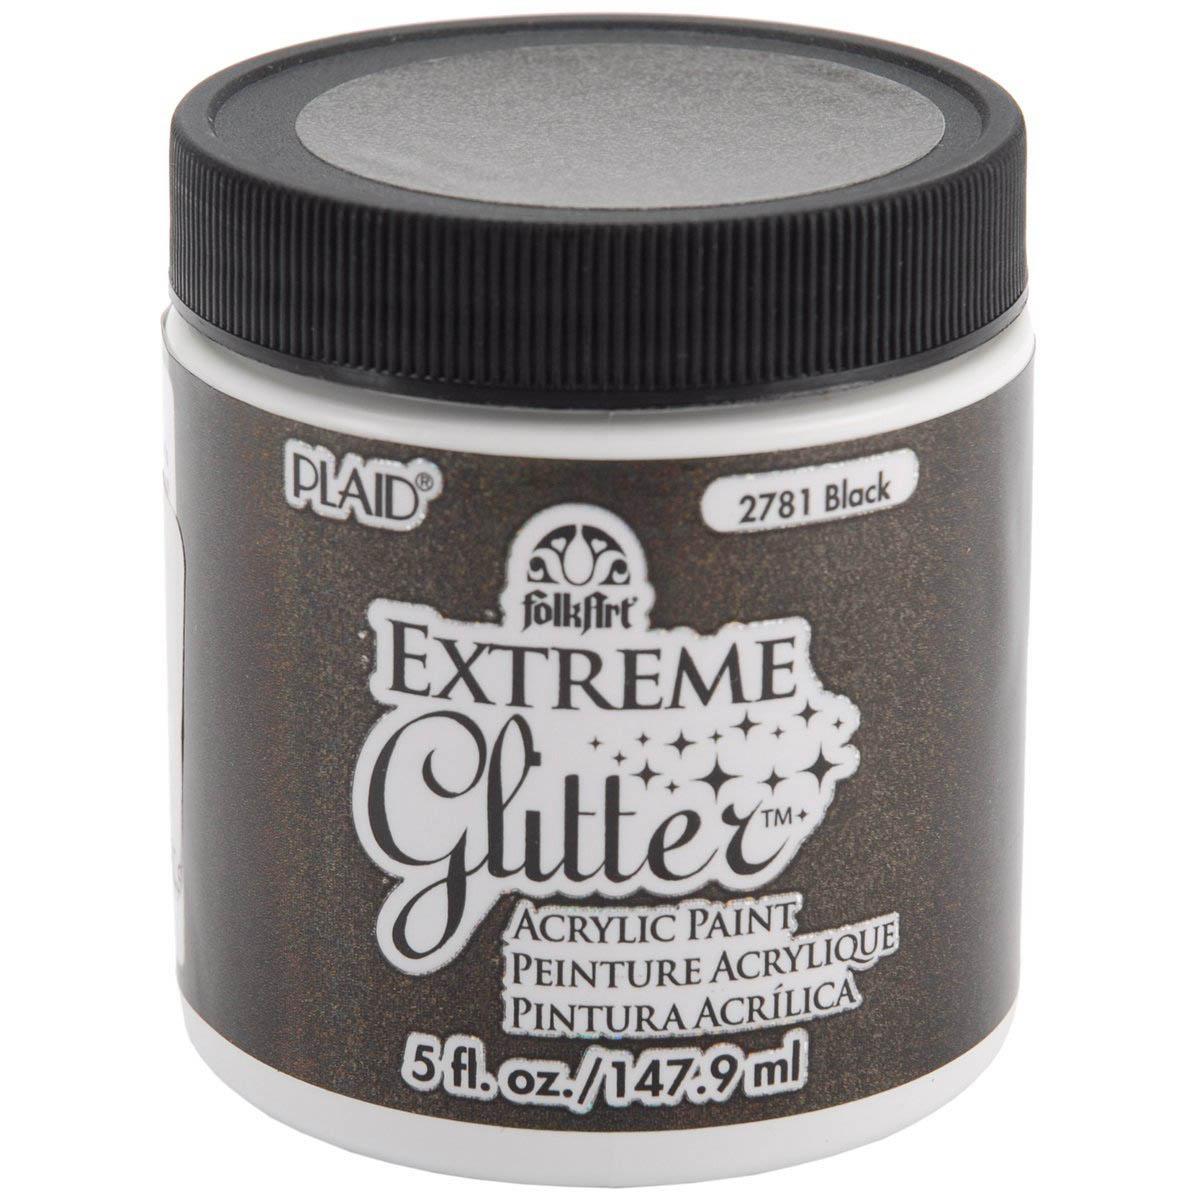 FolkArt ® Extreme Glitter™ - Black, 5 oz.